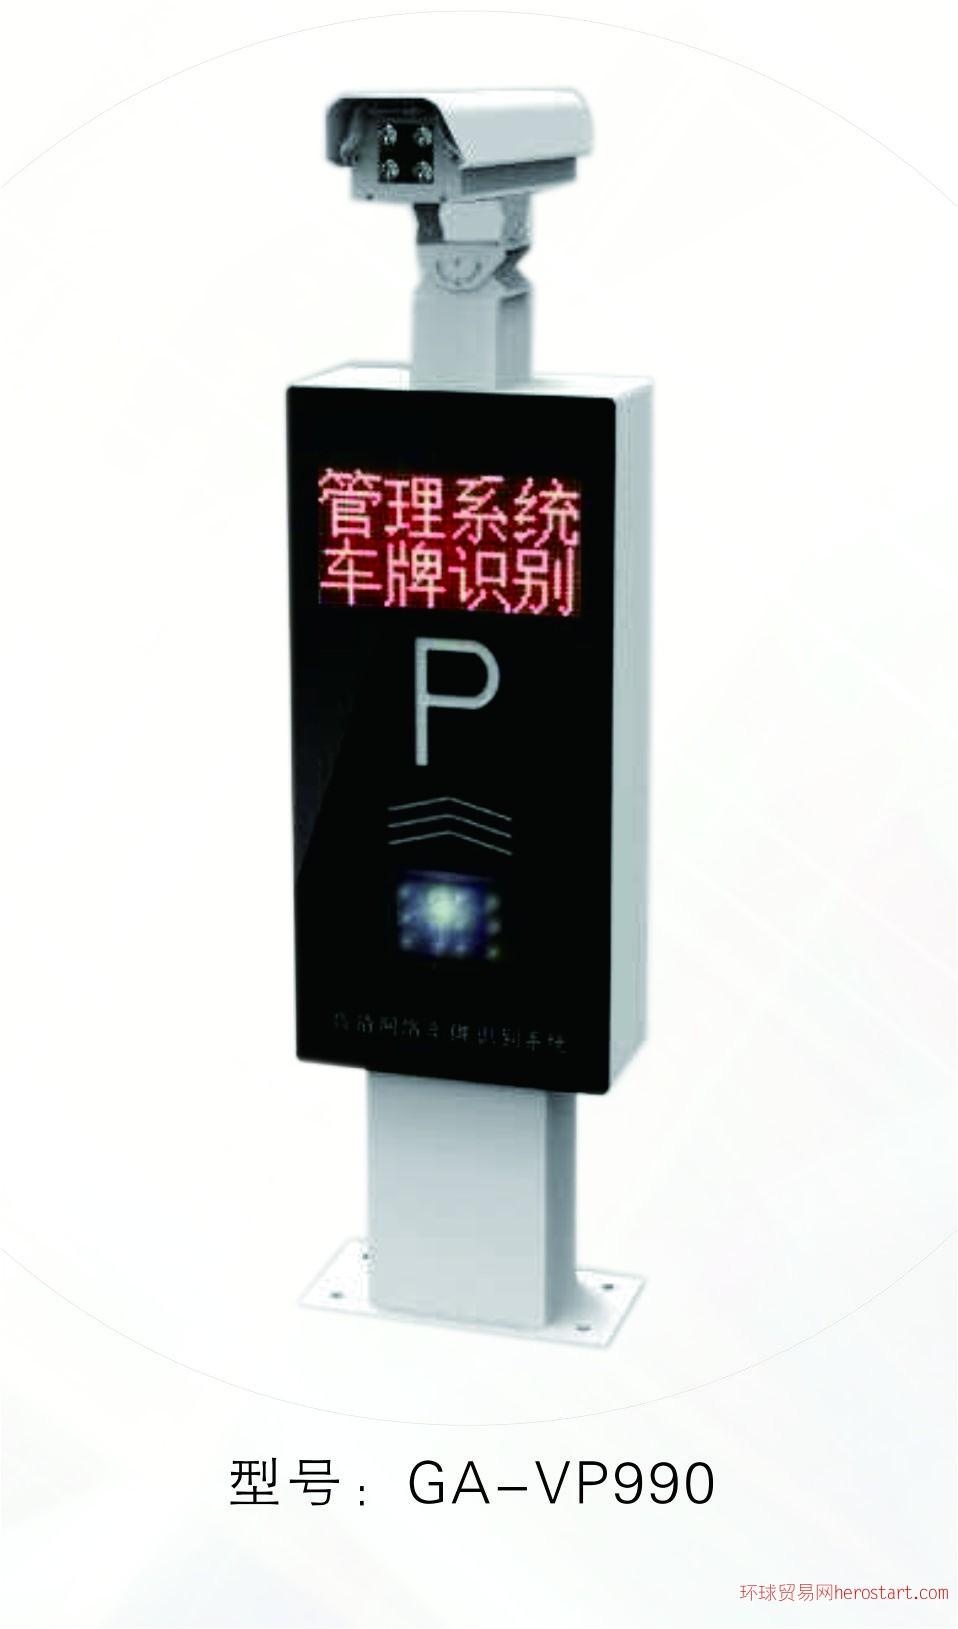 高安一体式车牌识别系统GA-VP990